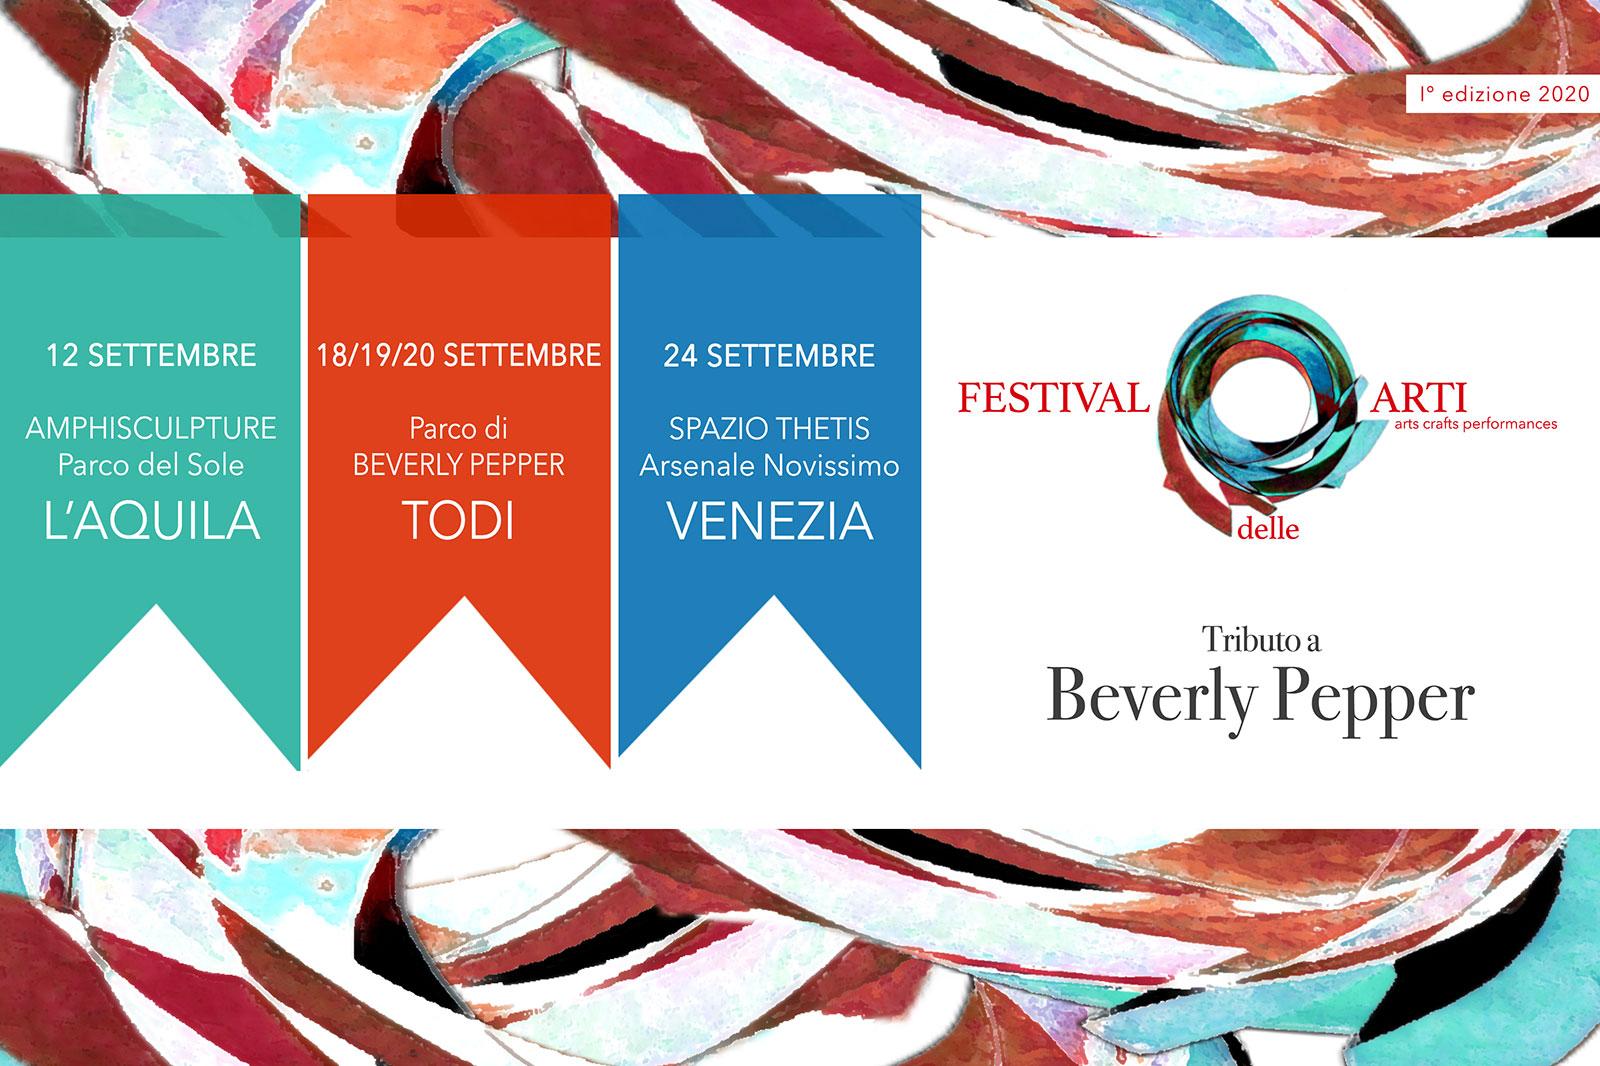 Festival delle arti 2020